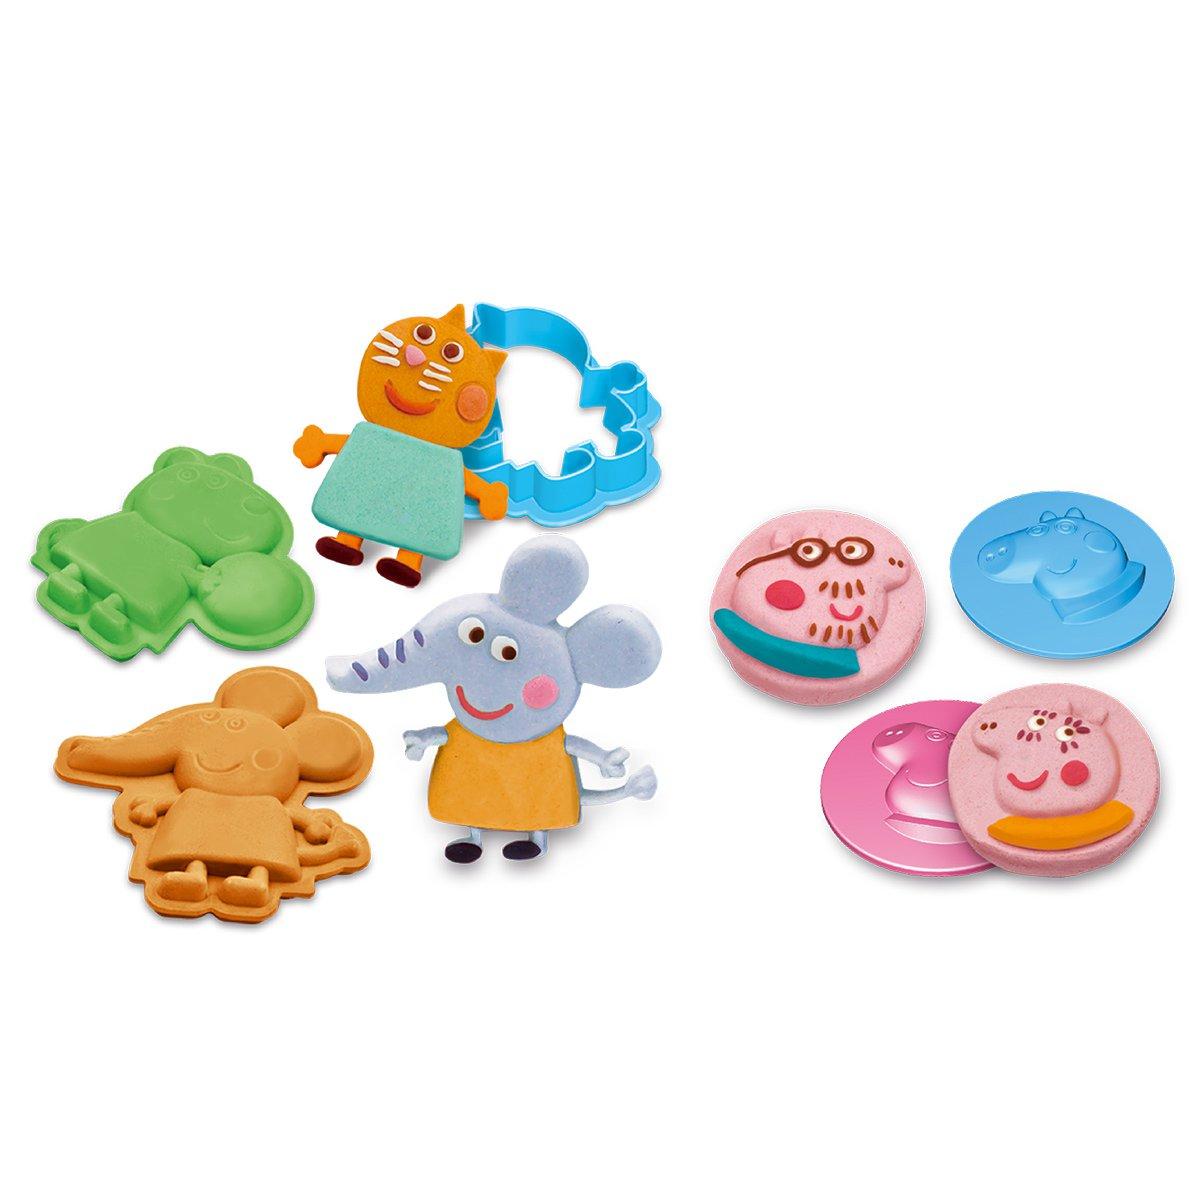 【元旦礼物】小猪佩奇儿童彩泥橡皮泥套装含工具 男女孩喜爱玩具